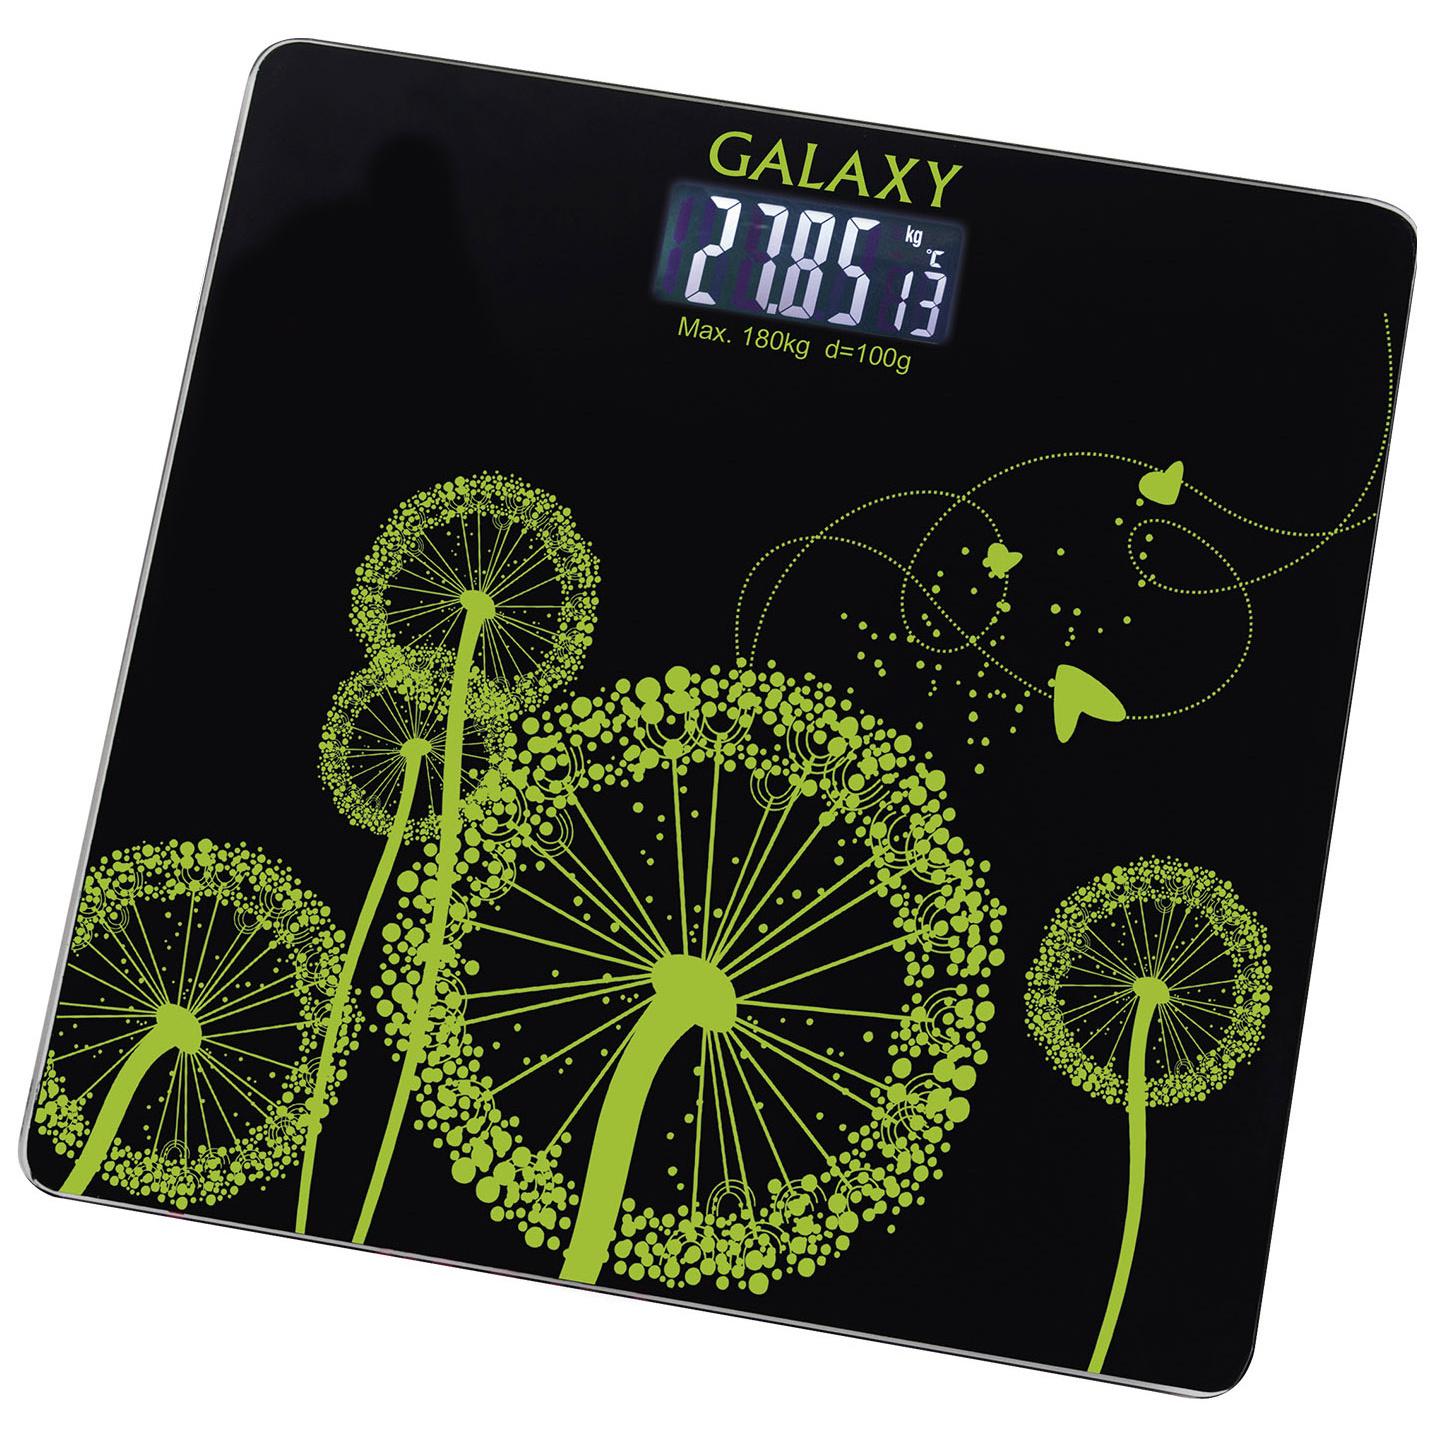 GALAXY GL4802